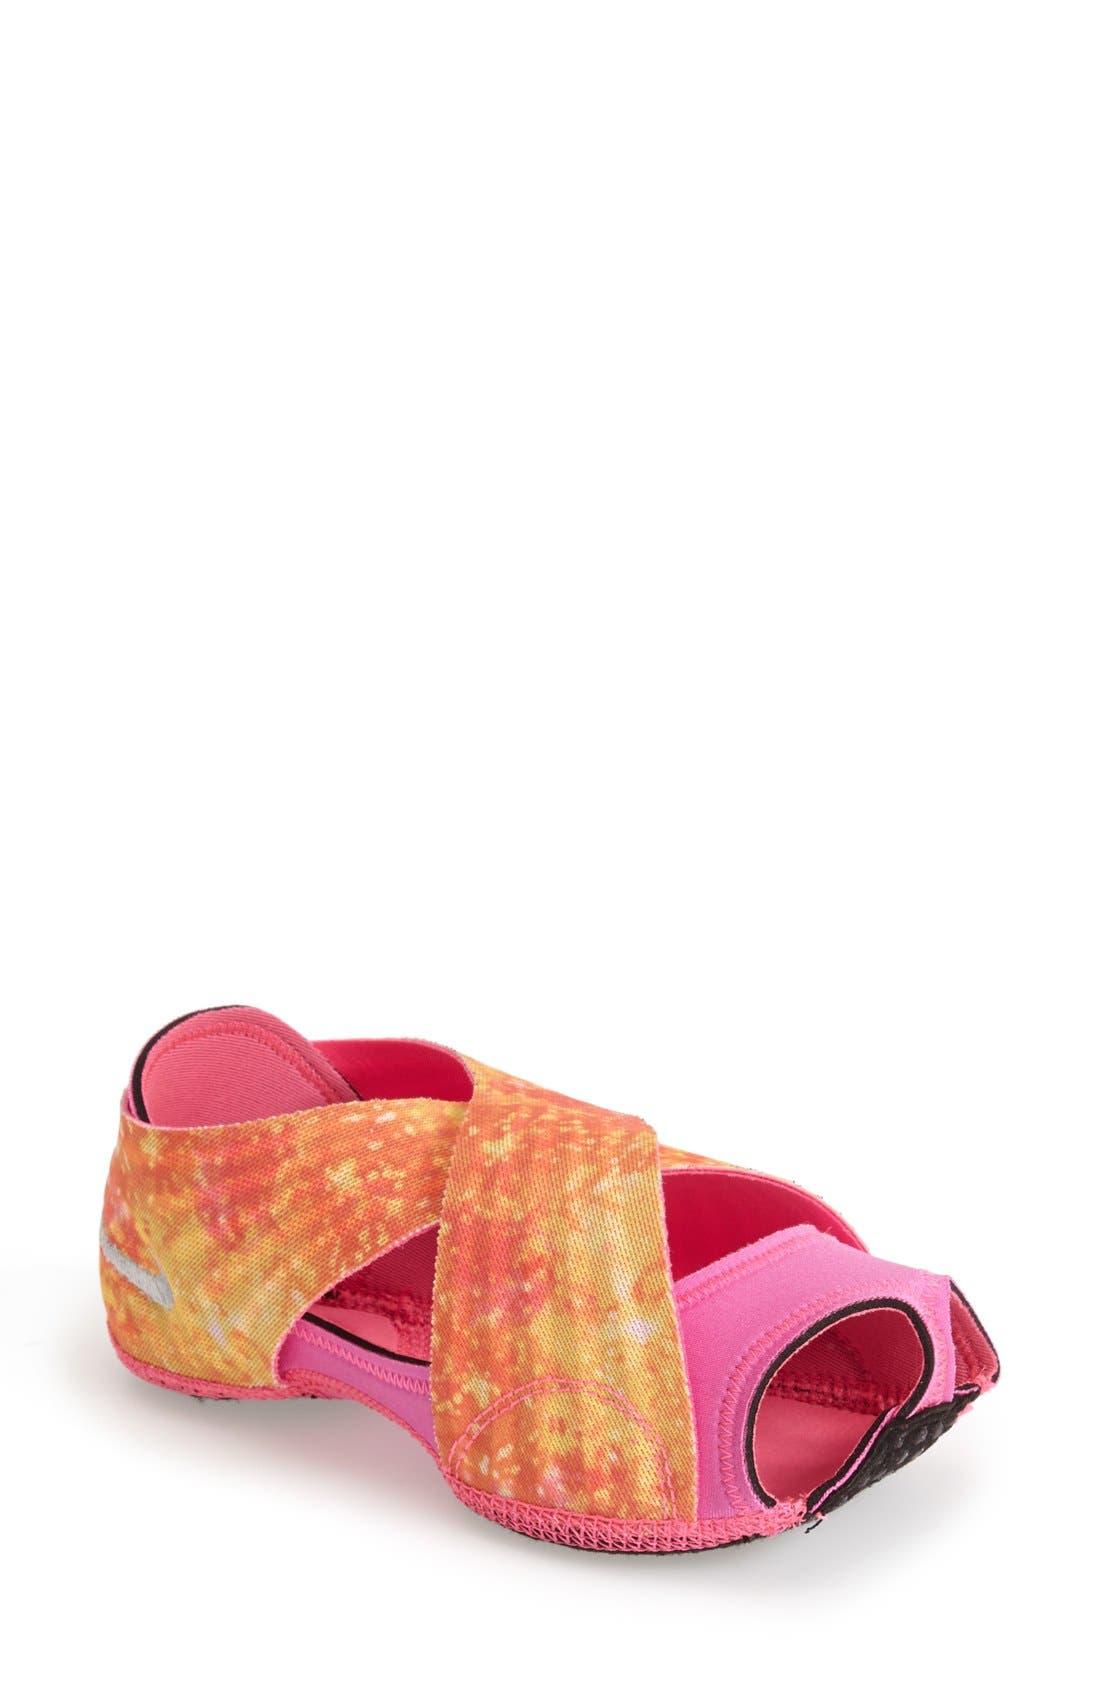 Main Image - Nike 'Studio Wrap 3' Yoga Training Shoe (Women)